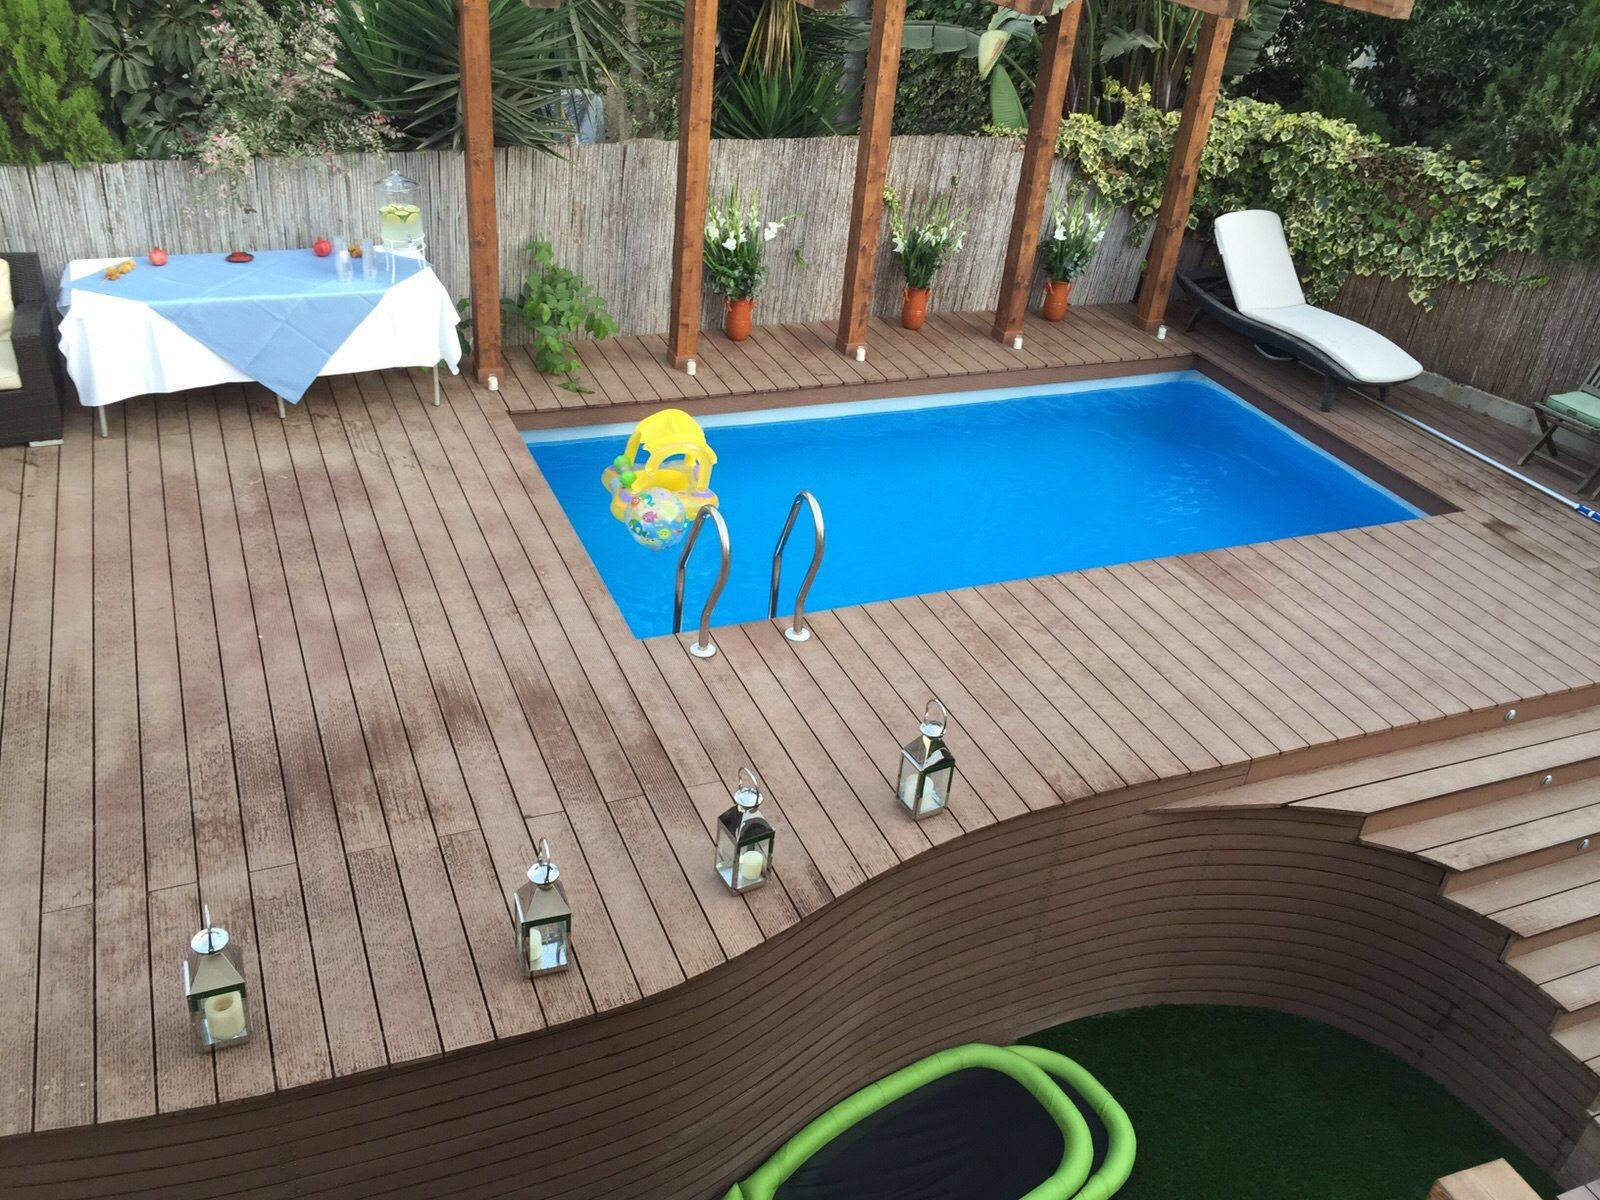 חיפוי דק סינטטי לבריכה מעוצבת קשתות בחיפה